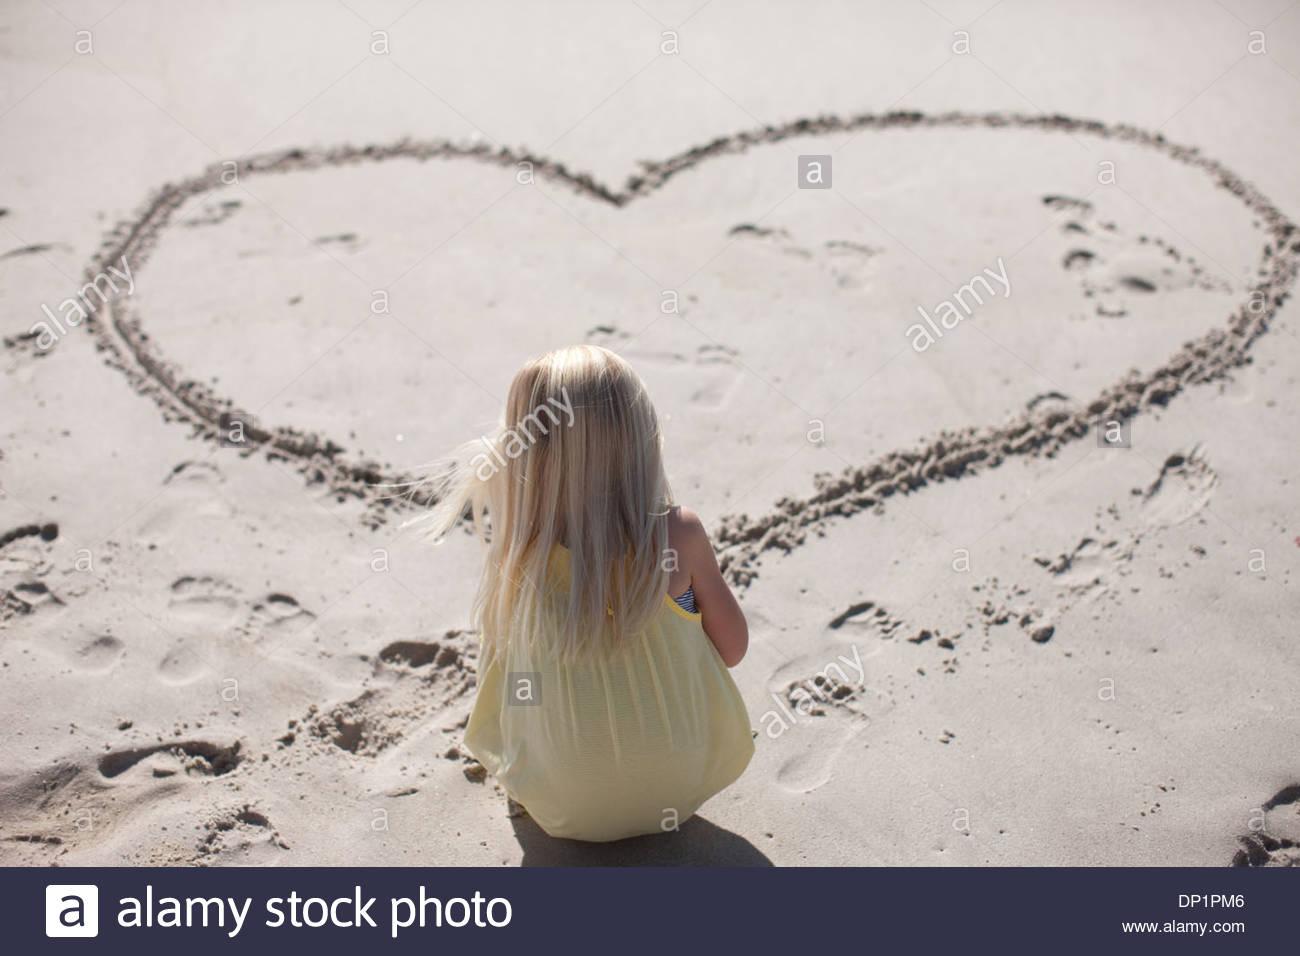 Dibujo de chica de corazón en la arena en la playa Imagen De Stock